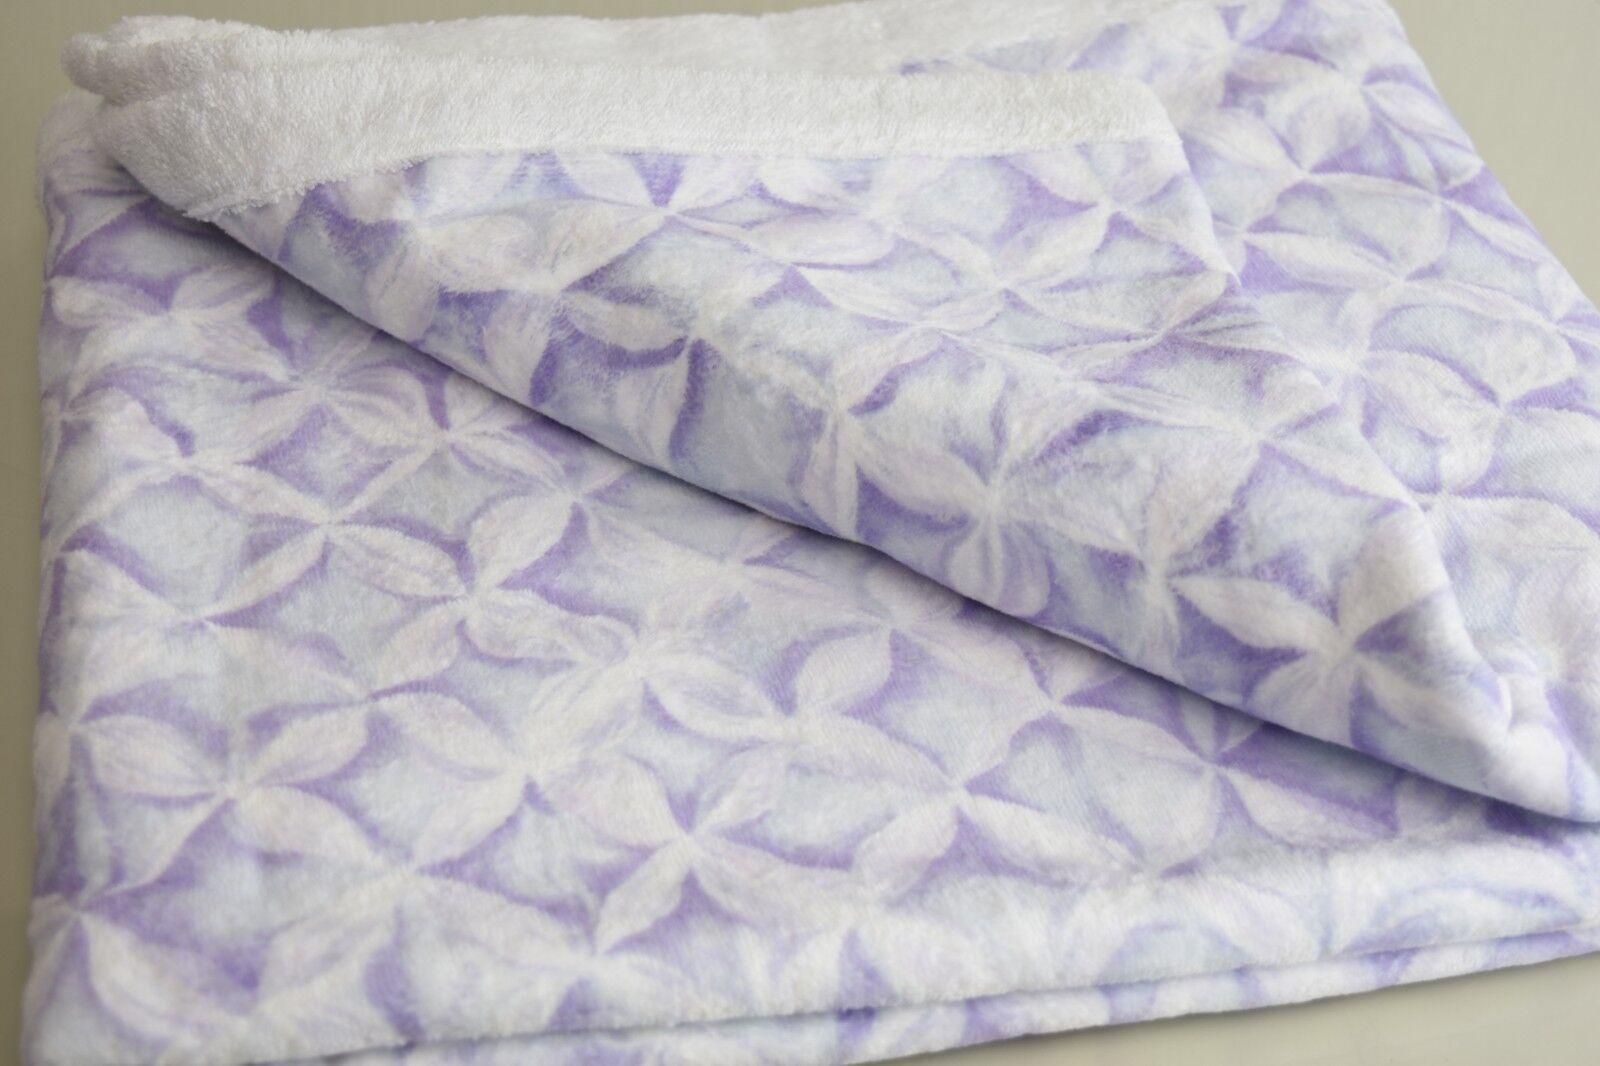 Nouveau Pratesi Ice Home Blanc Violet Lavande violets Bain Drap Serviette Tapis Bain